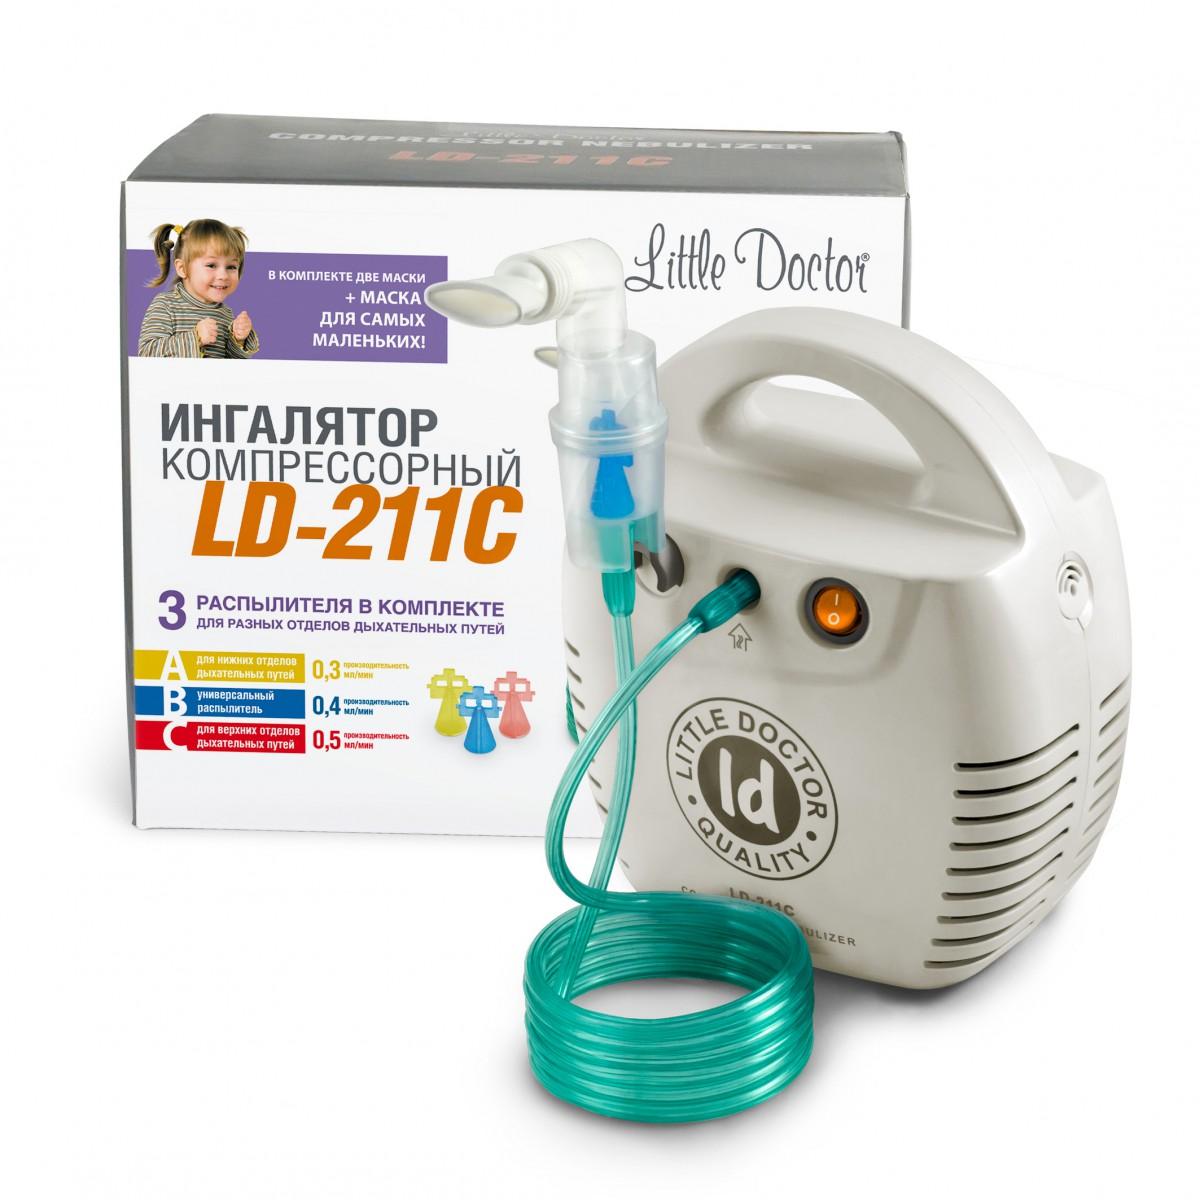 Інгалятор компресорний LD-211C